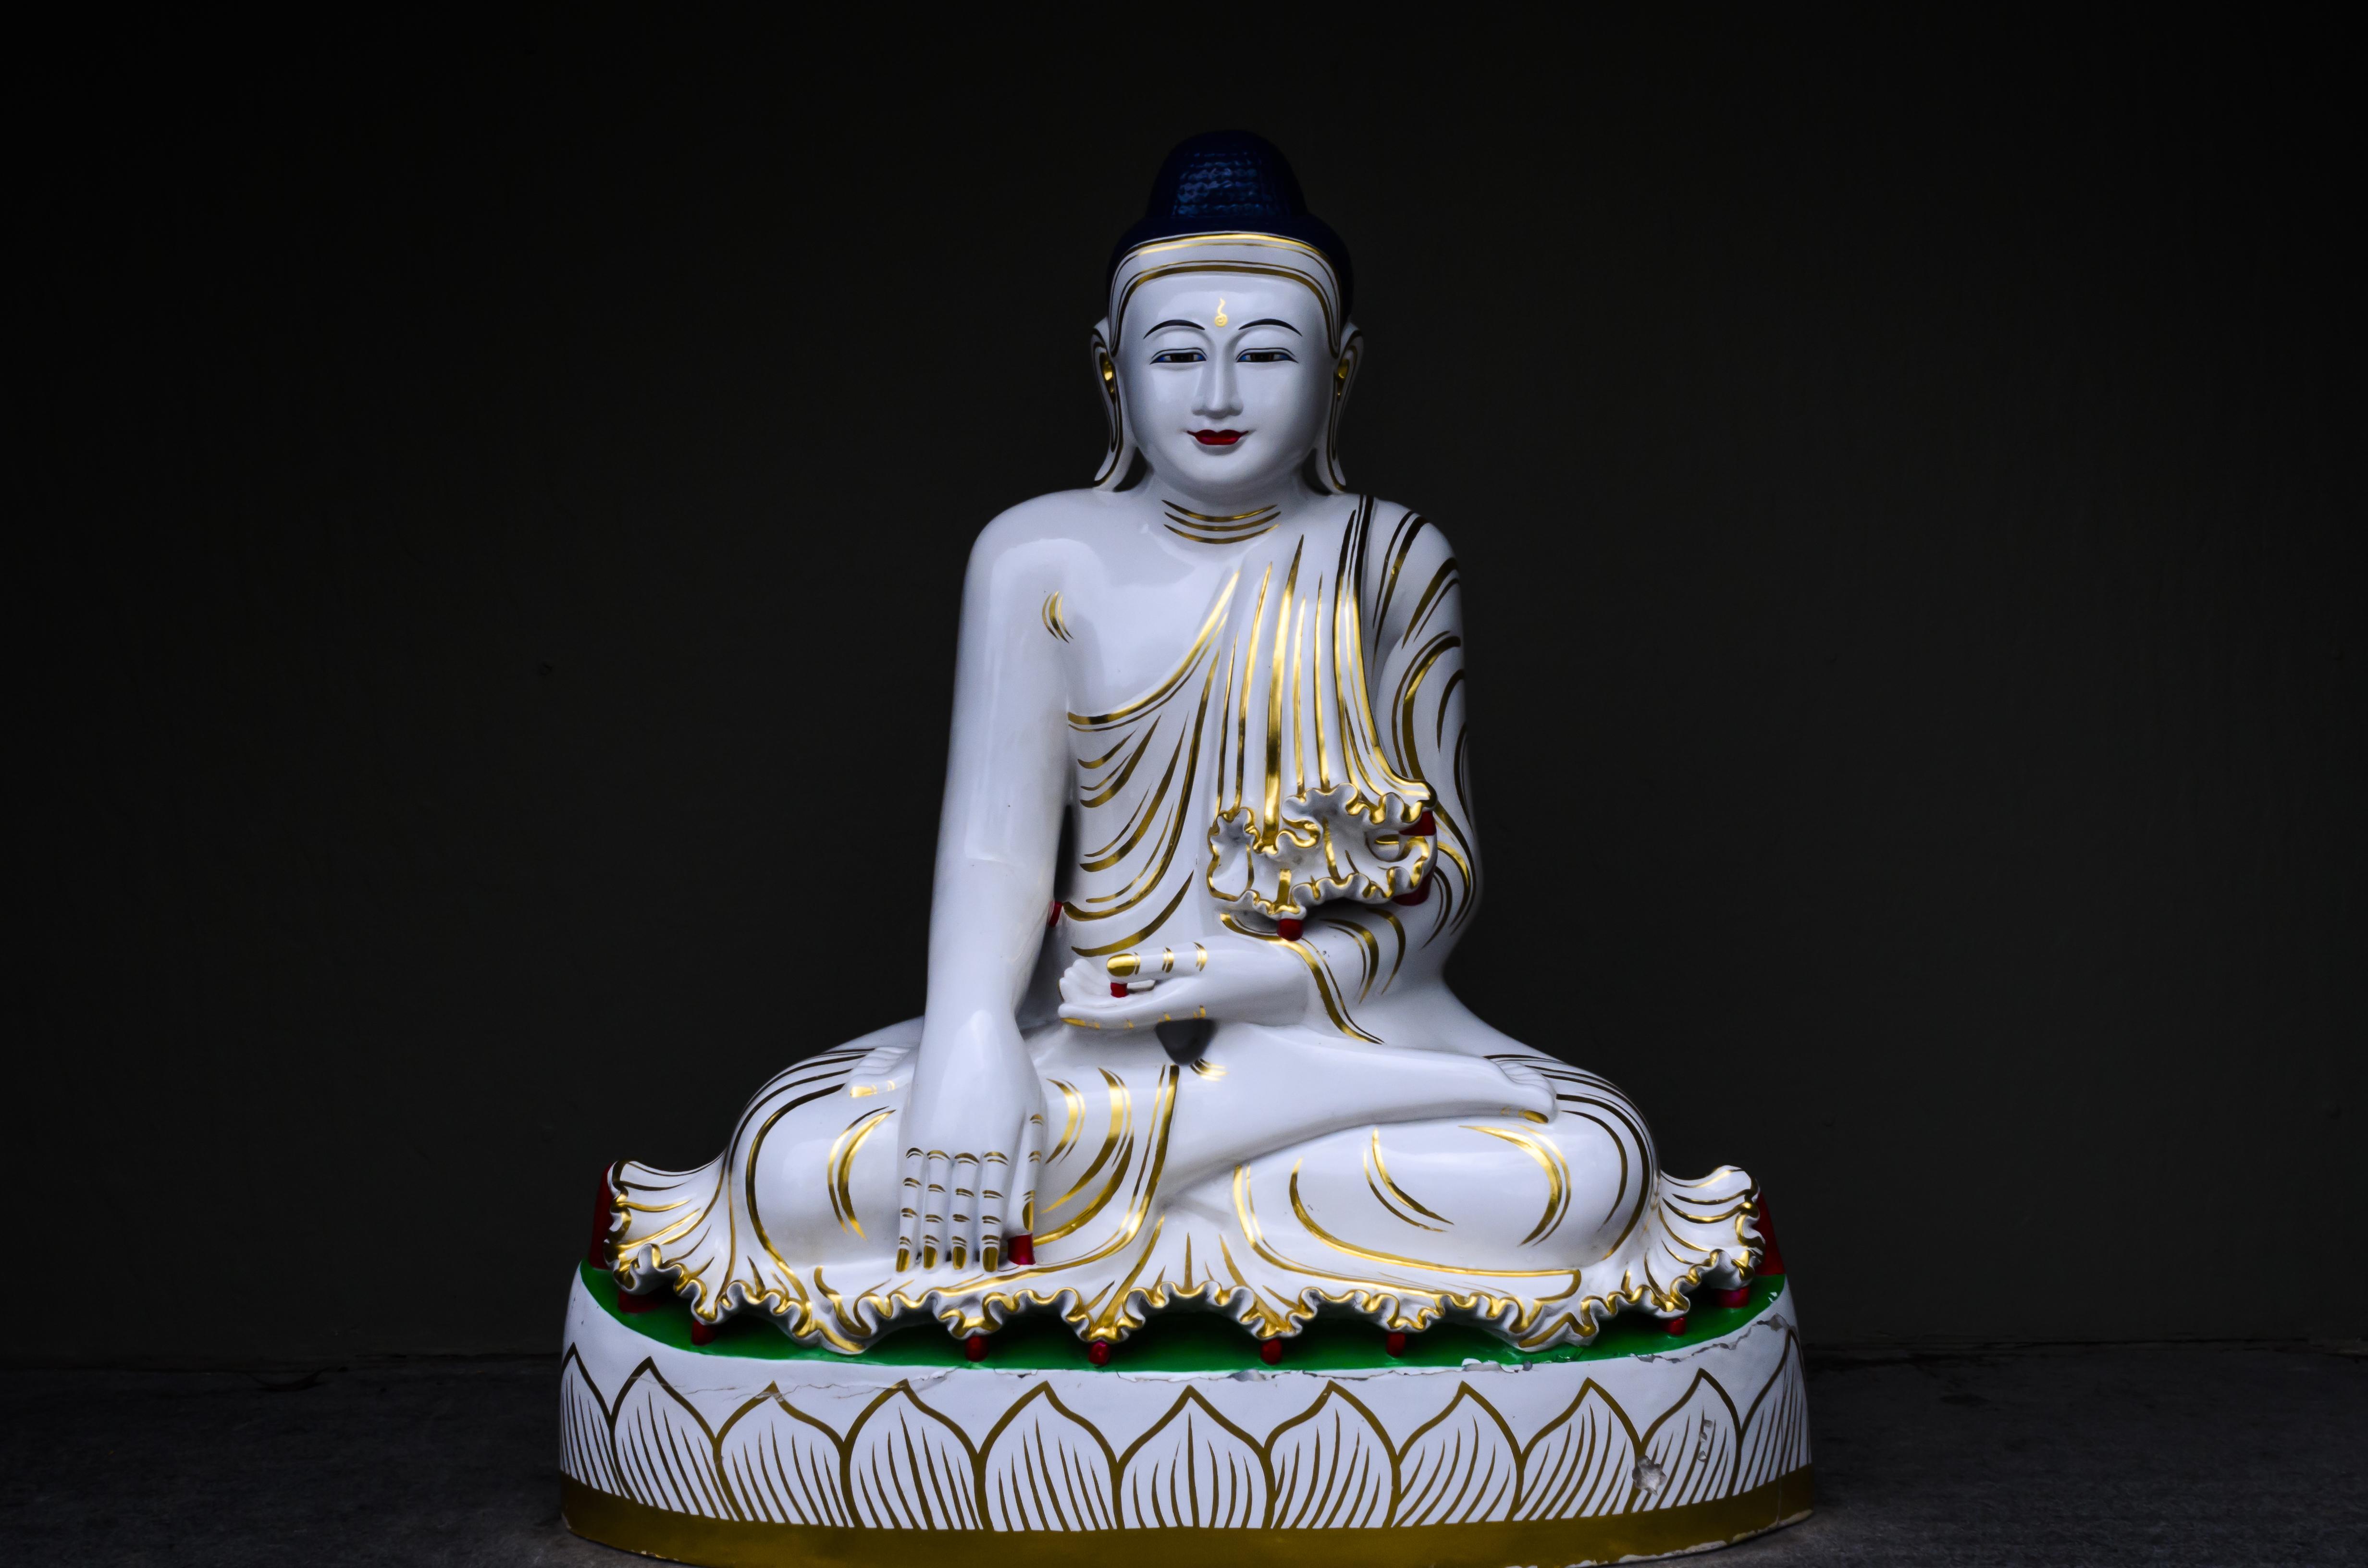 Fine art Budda